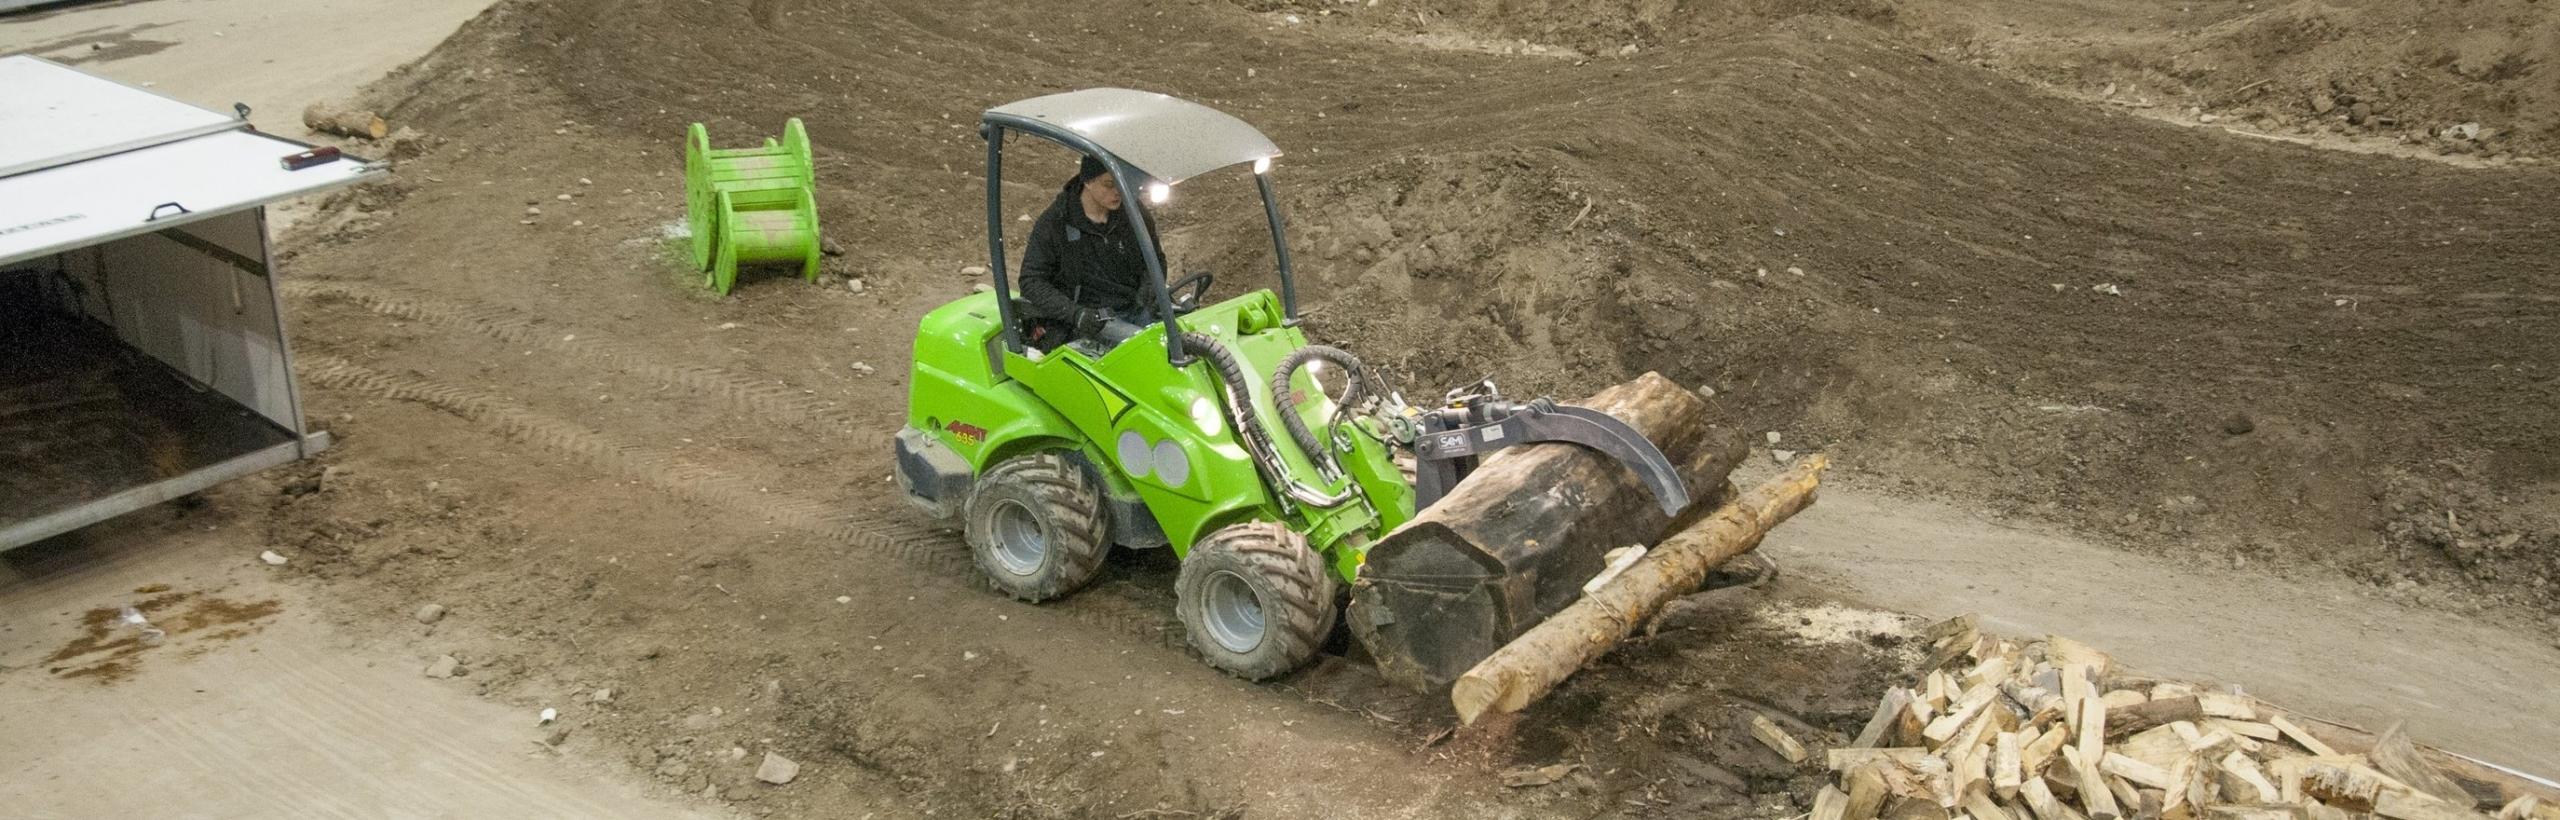 Holzgreifer für Palettengabel